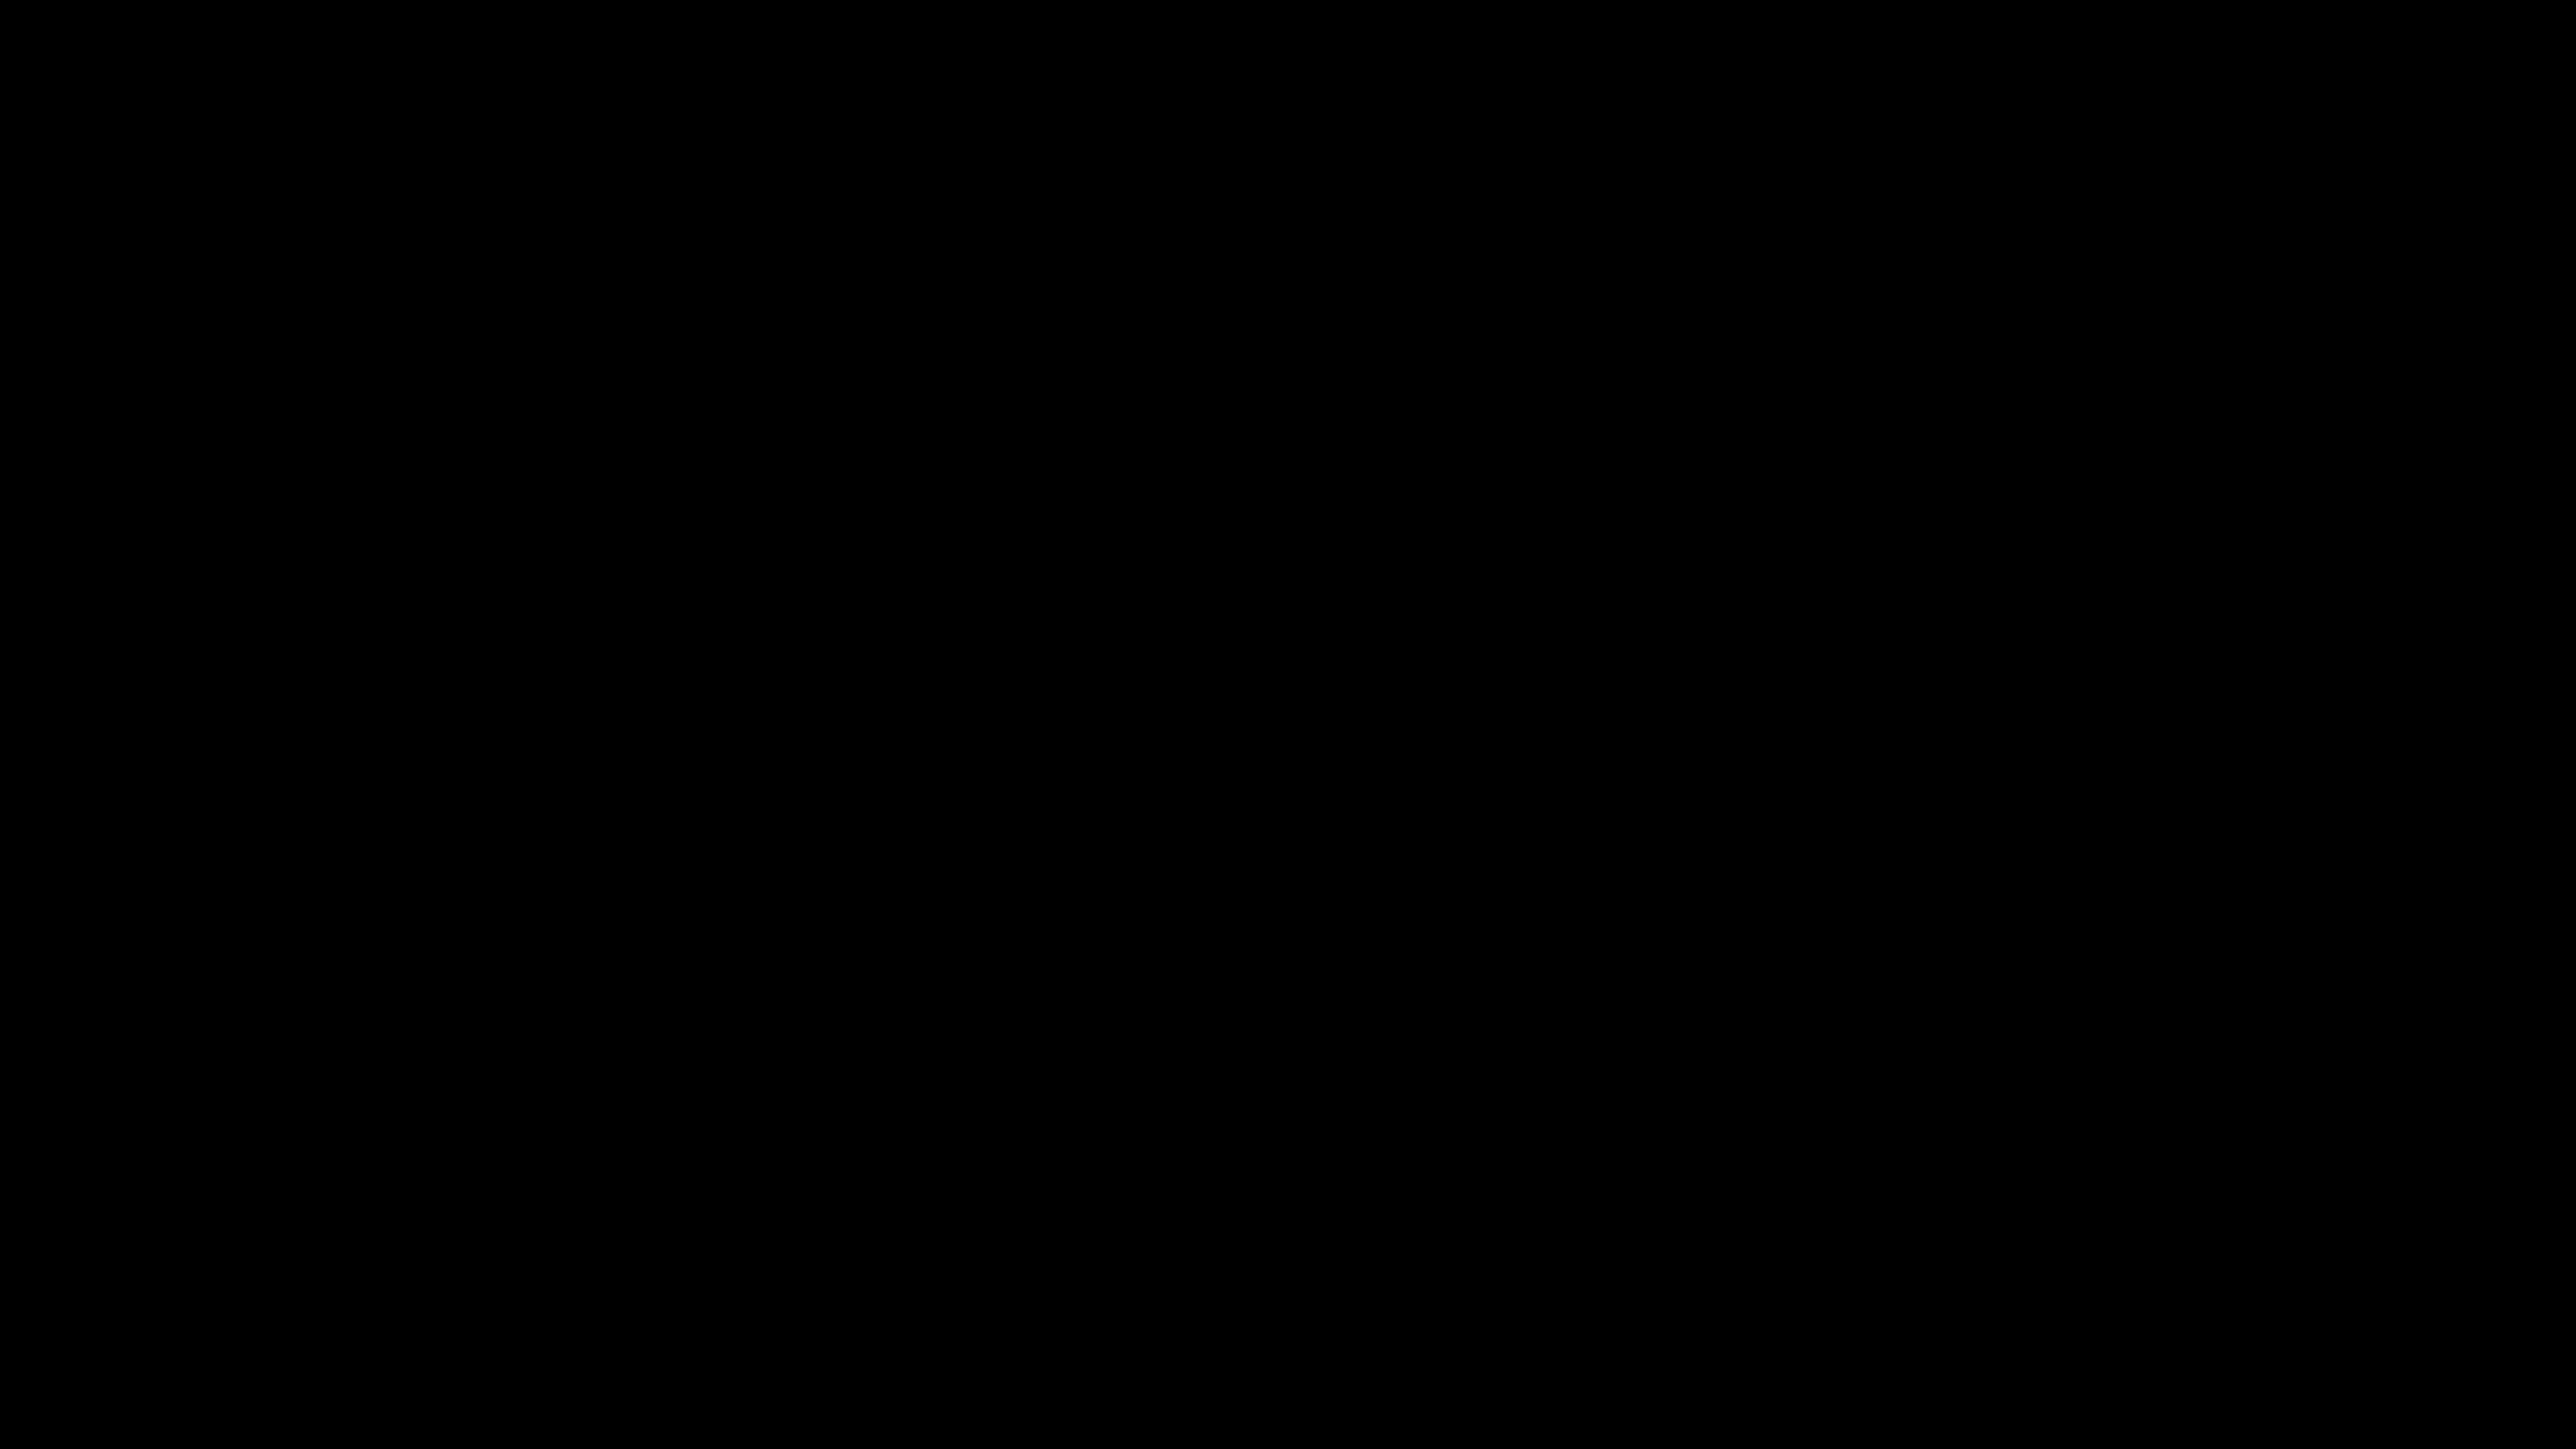 buildings city silhouette 4k 1618129082 - Buildings City Silhouette 4k - Buildings City Silhouette 4k wallpapers